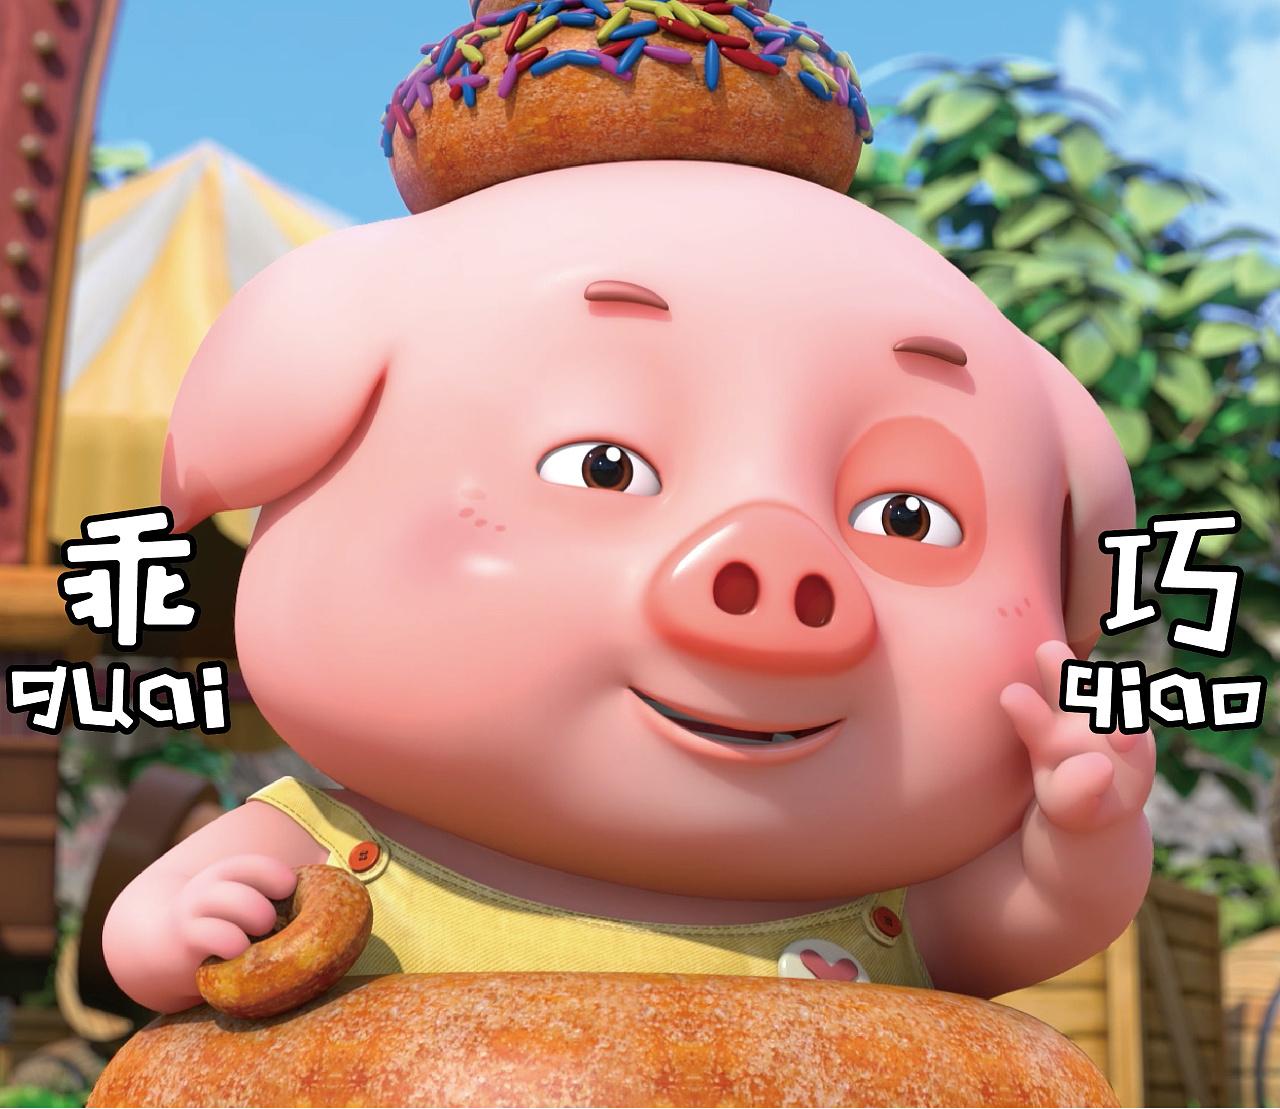 豆豆猪表情:确定出智慧的光芒,透露是豆豆猪a表情没事图片表情包图片